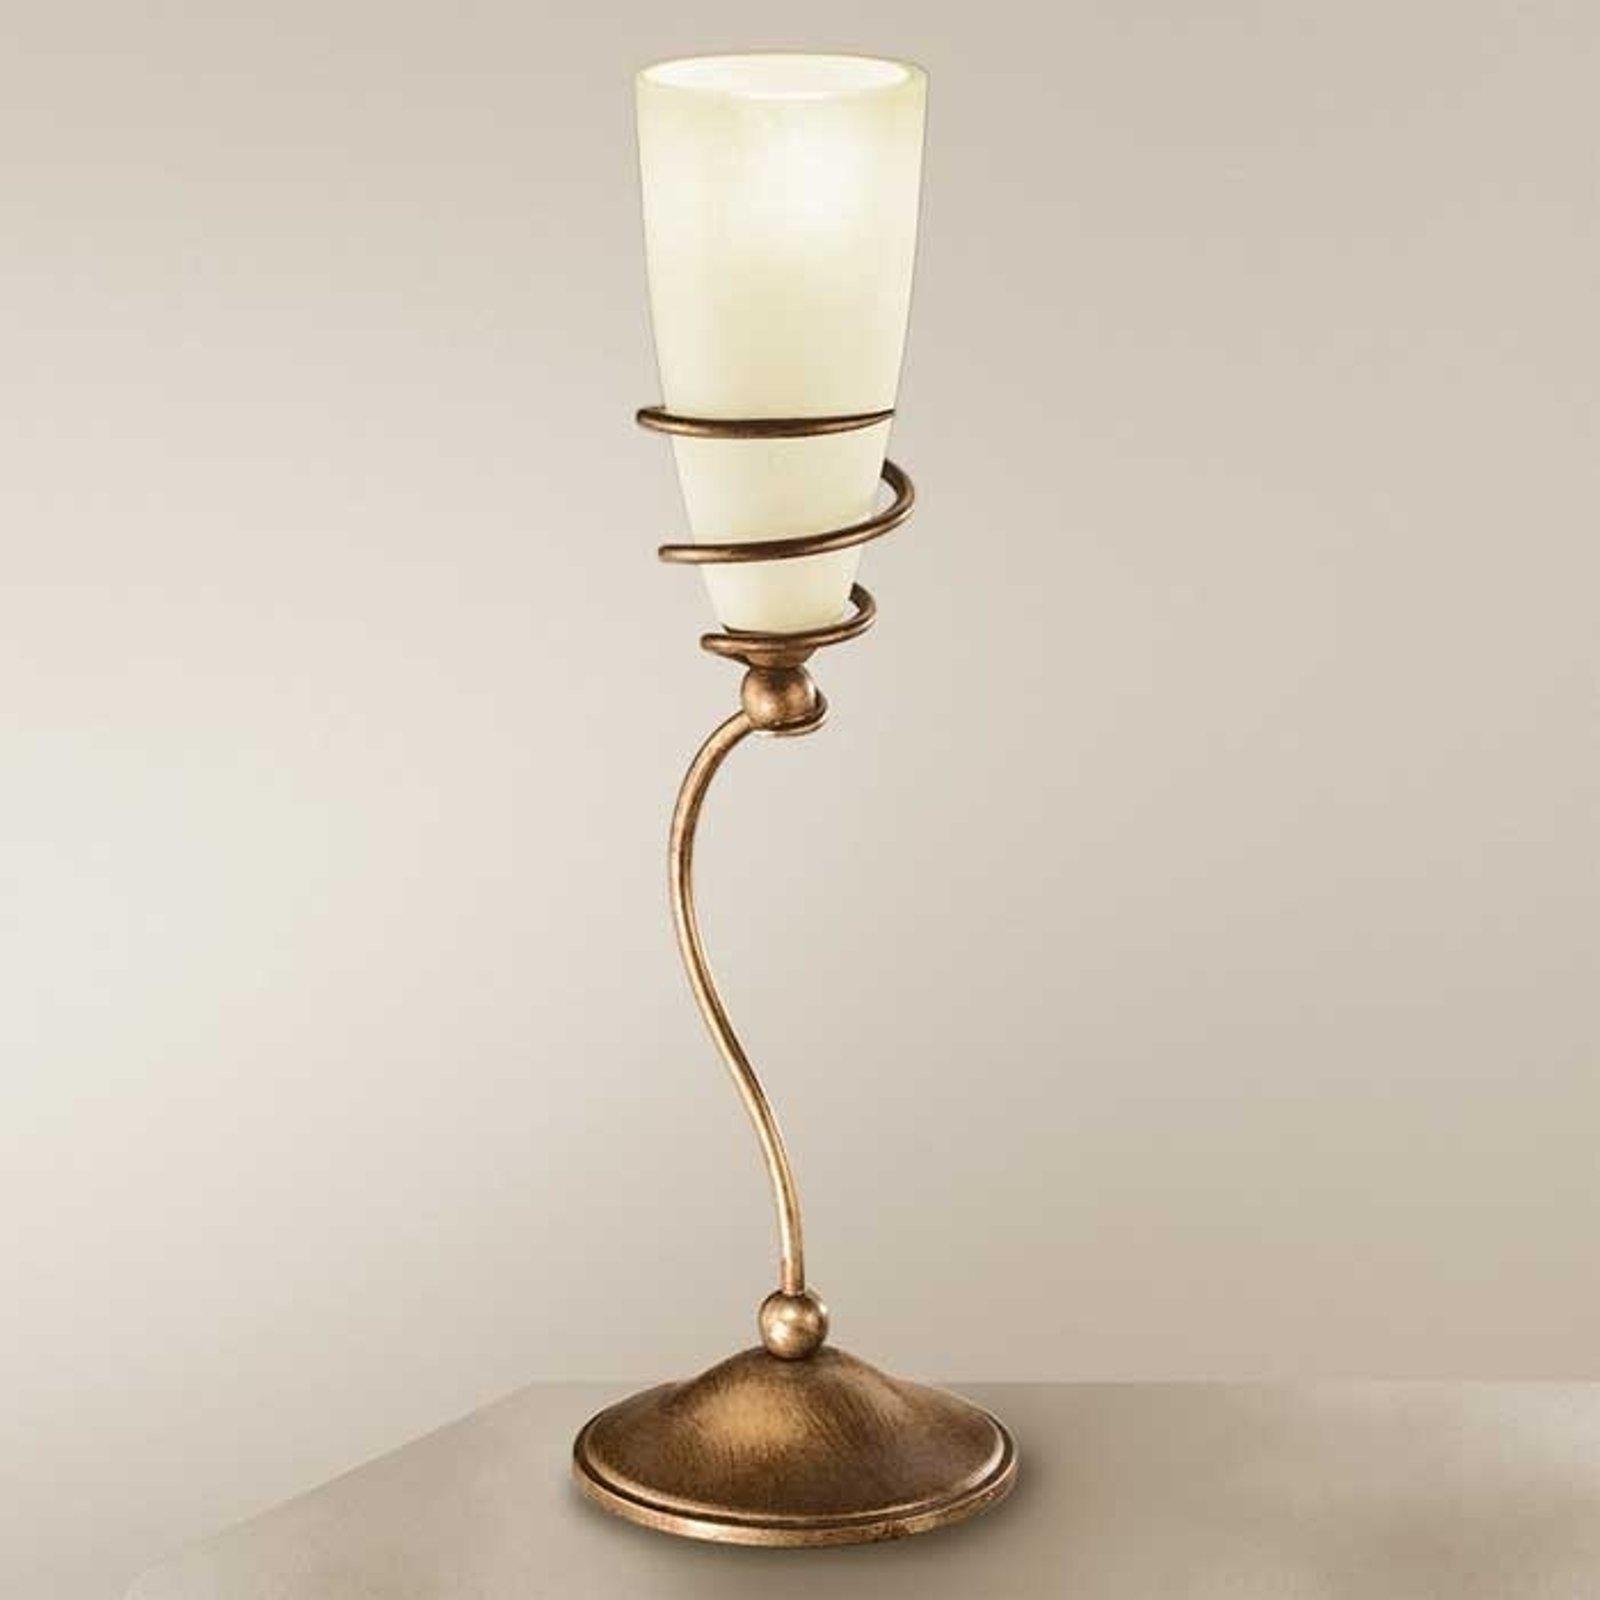 Bordlampe Daniele av antikk messing